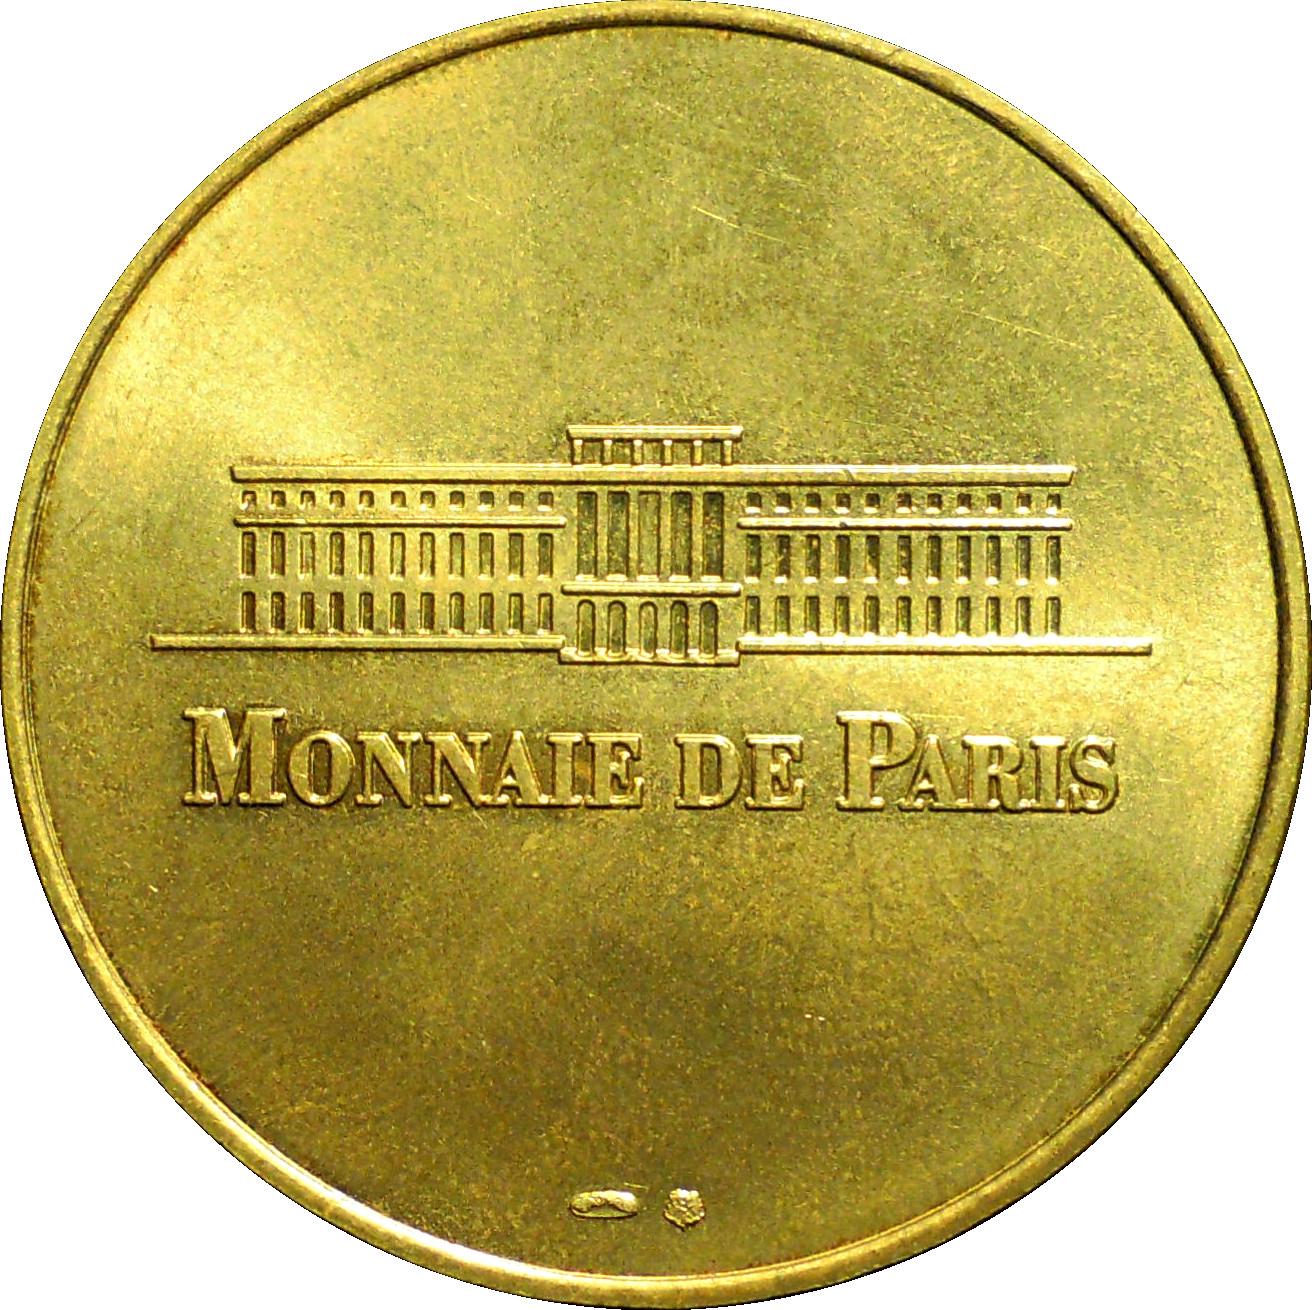 jeton touristique monnaie de paris mont saint michel n 1 jetons numista. Black Bedroom Furniture Sets. Home Design Ideas